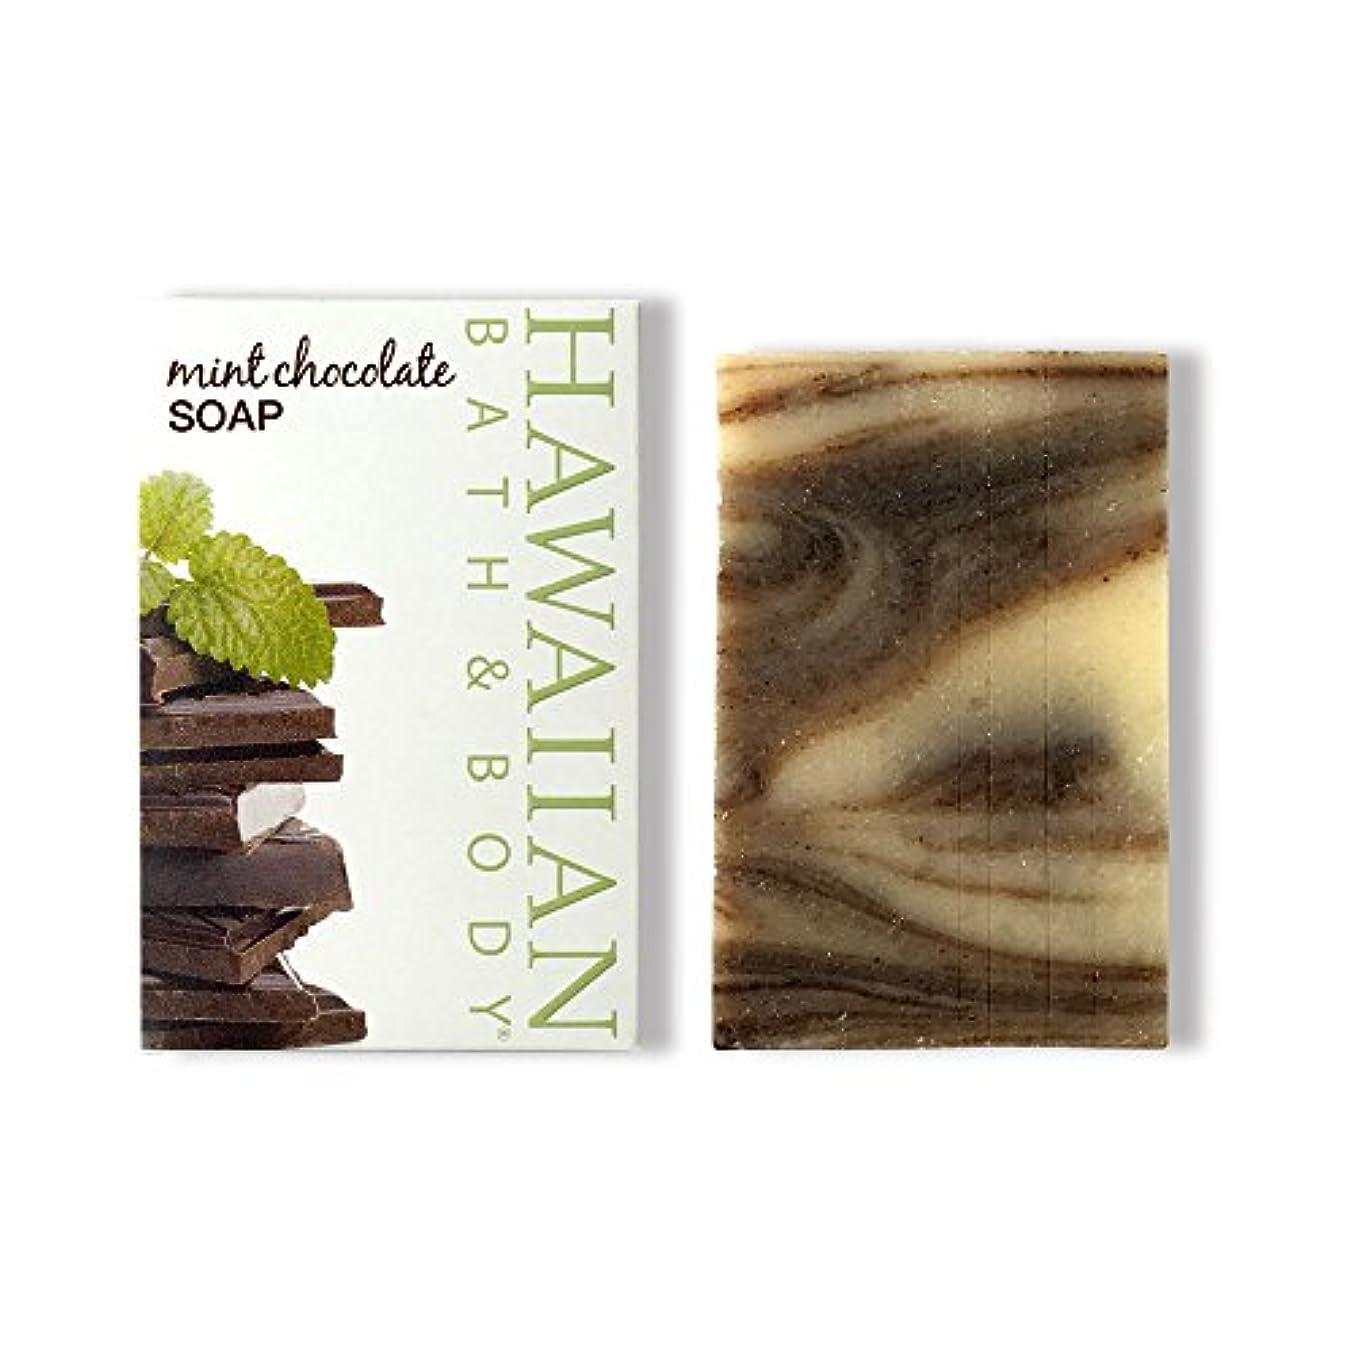 壊す再撮り無線ハワイアンバス&ボディ ハワイアン?ミントチョコレートソープ ( Hawaii Mint Chocolate Soap )